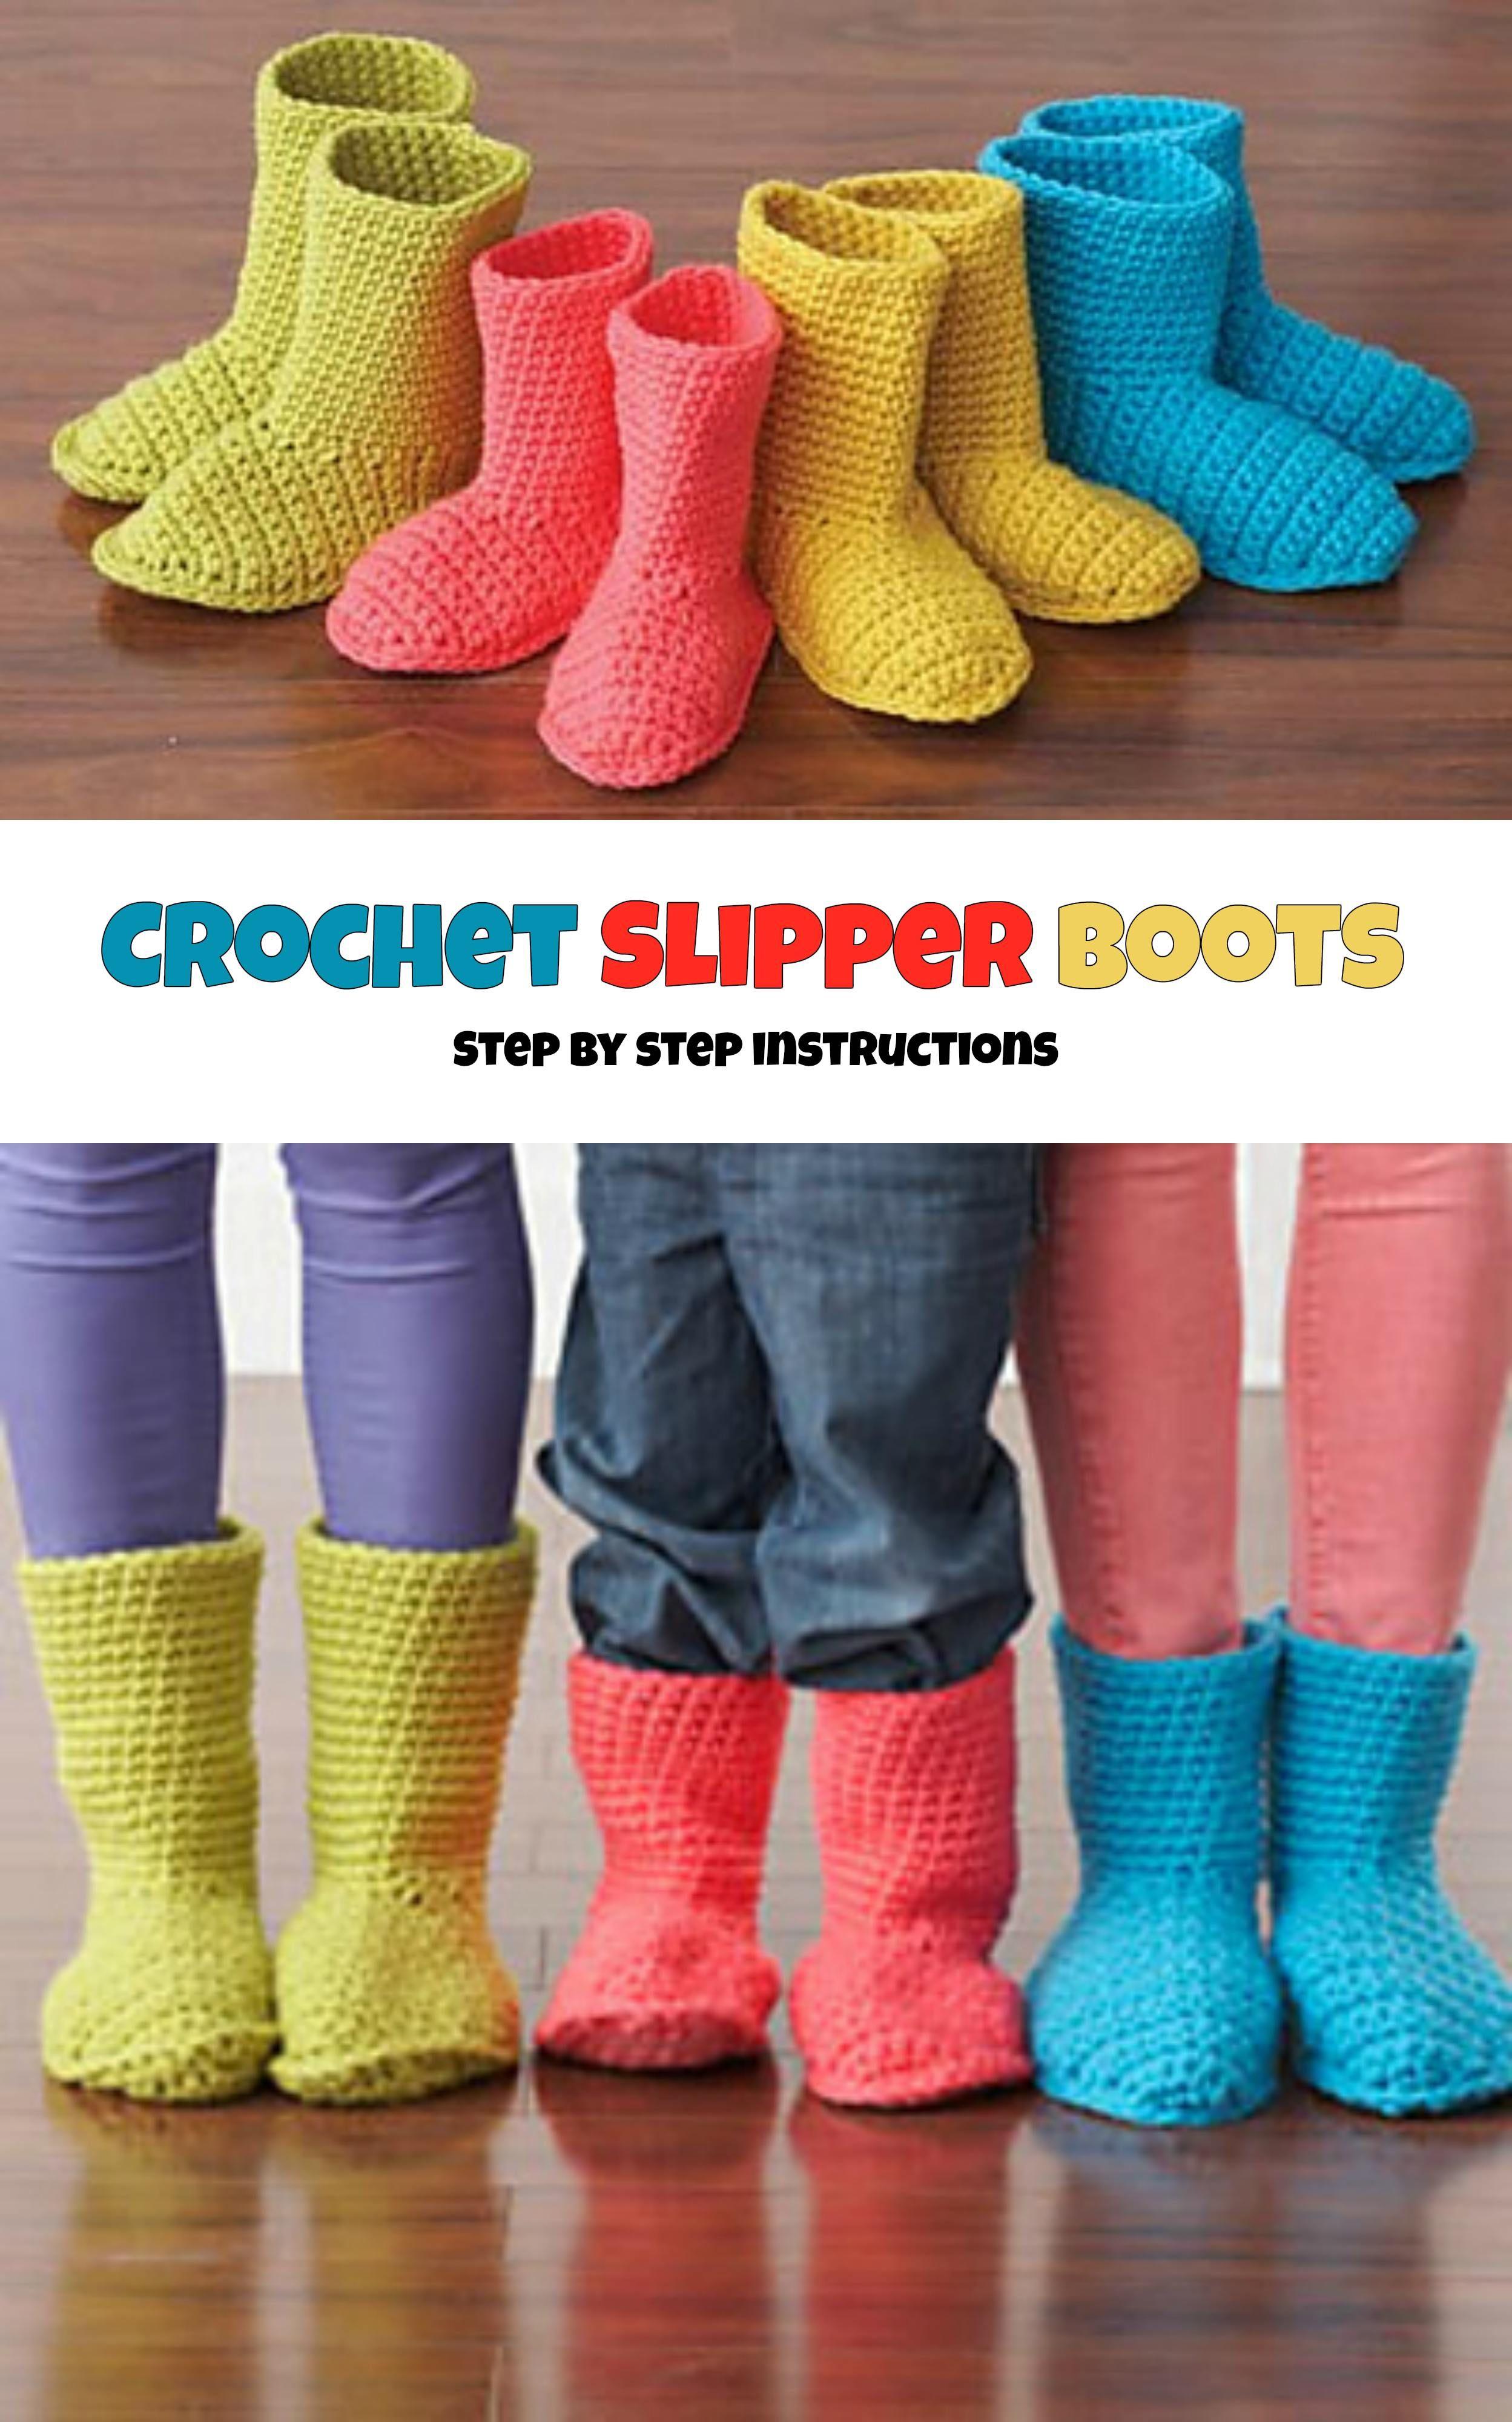 Crochet Slippers Boots | Zapatillas de ganchillo, Chanclas y Zapatillas